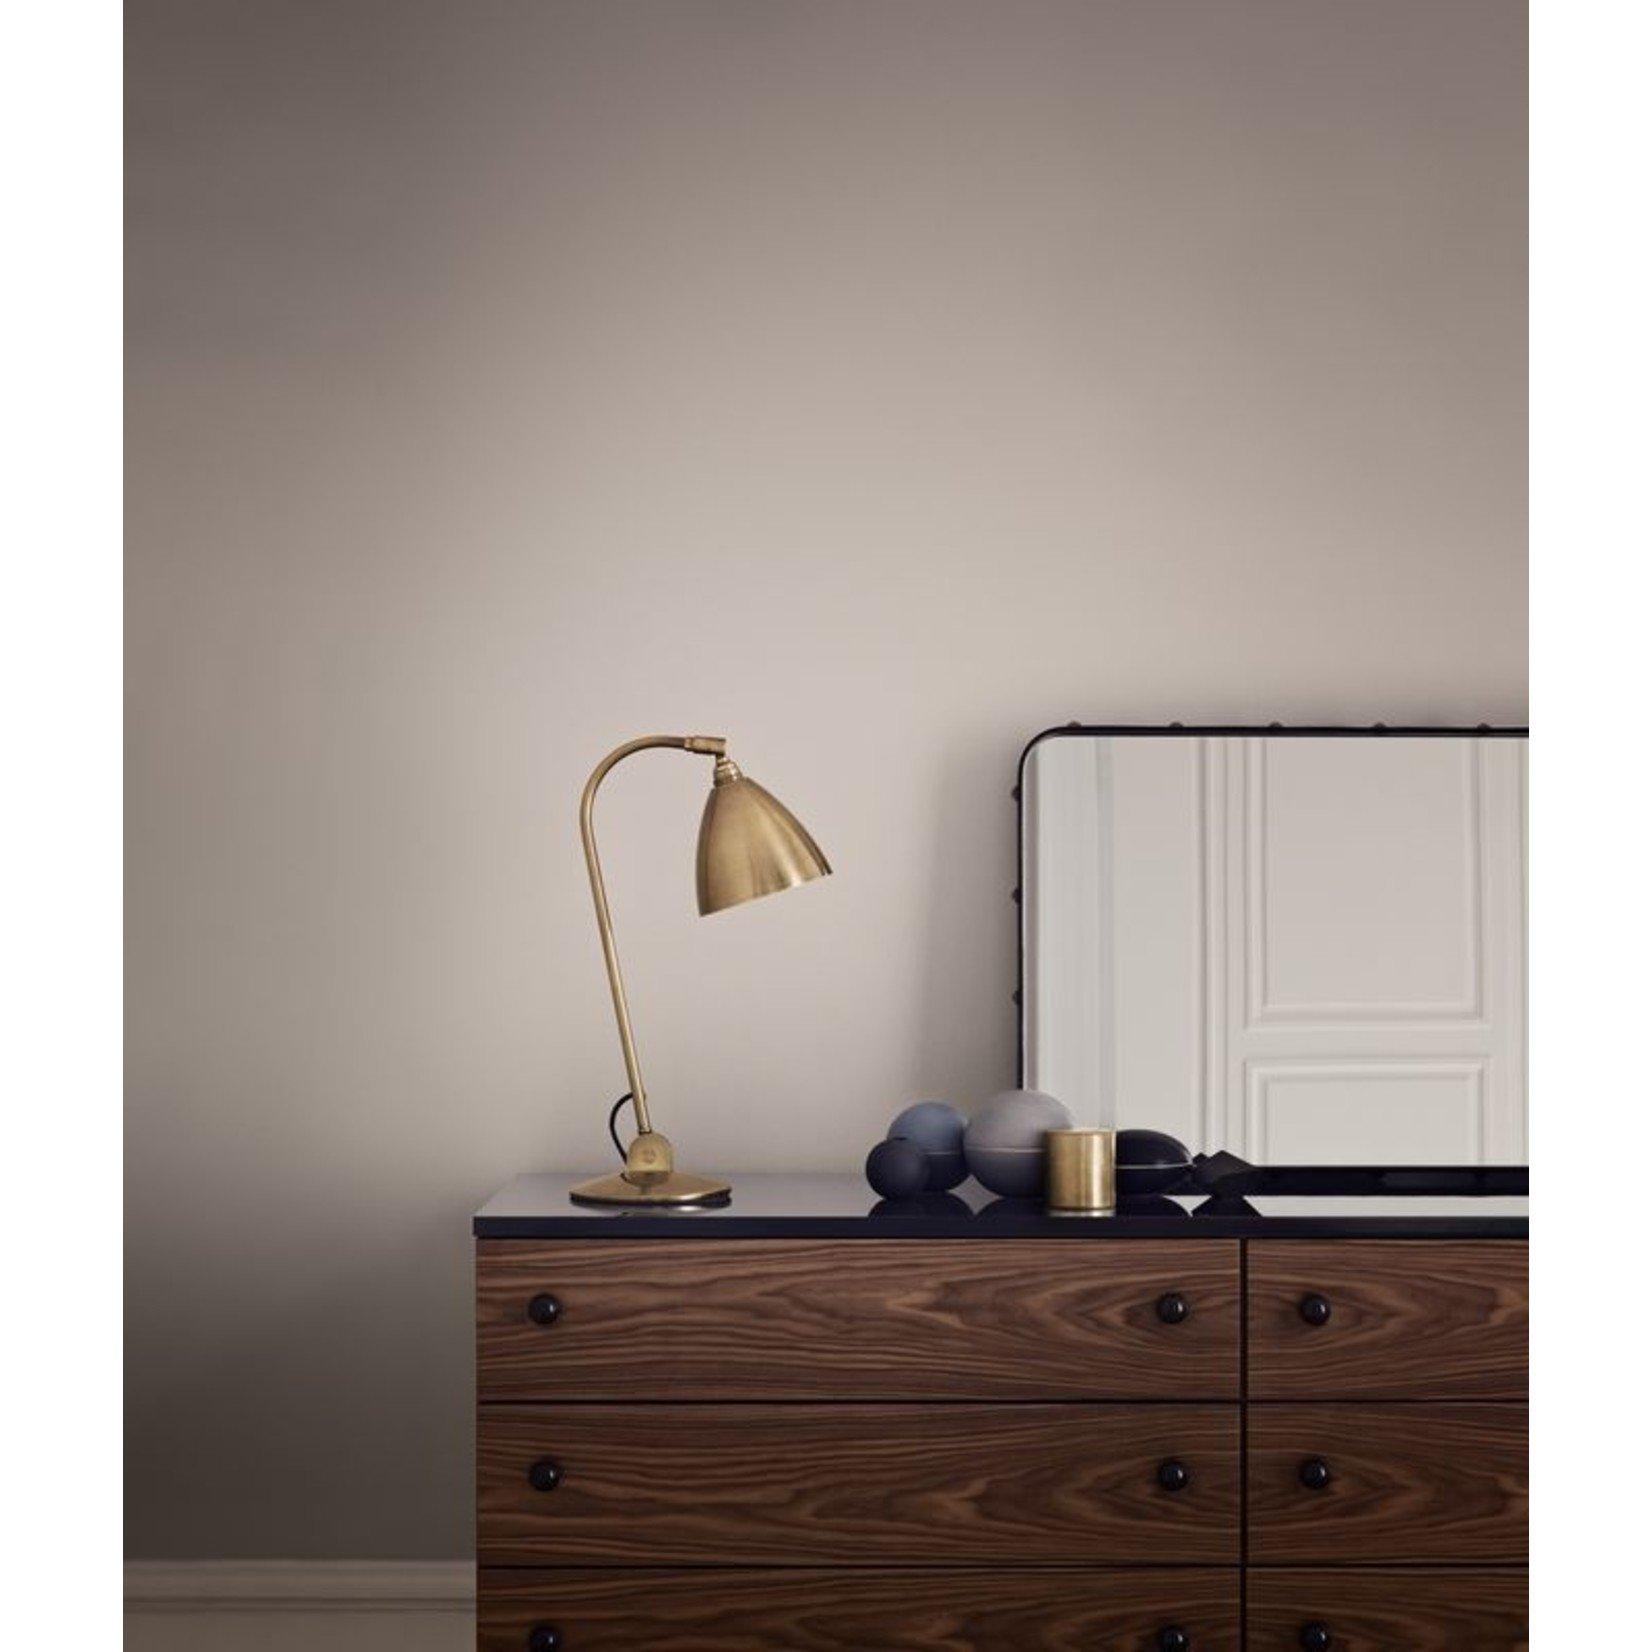 Gubi BL2 Table Lamp - Ø16   Brass Base & Shiny Brass Shade